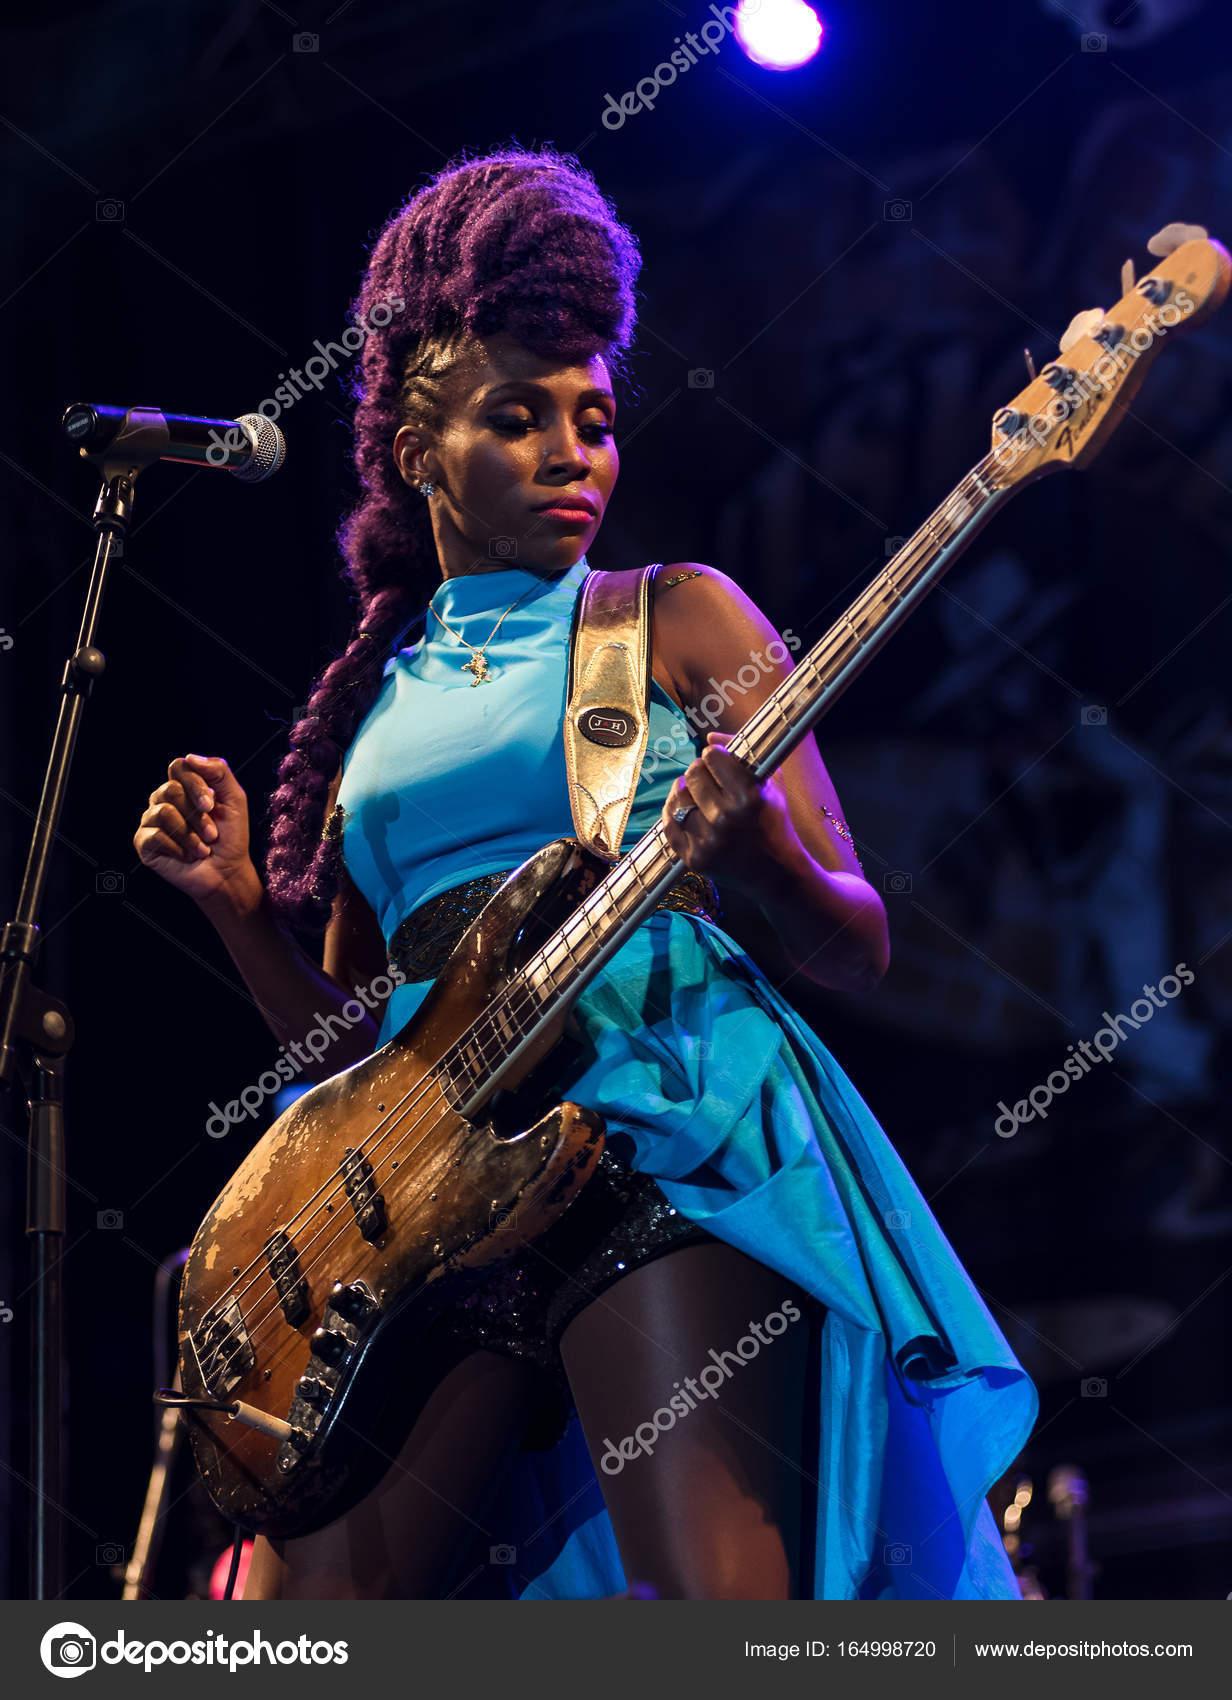 En la mayoría de los casos pequeño No se mueve  Nik West live at Nisville Jazz Festival, August 11. 2017 – Stock Editorial  Photo © wr7films@yaho.com #164998720